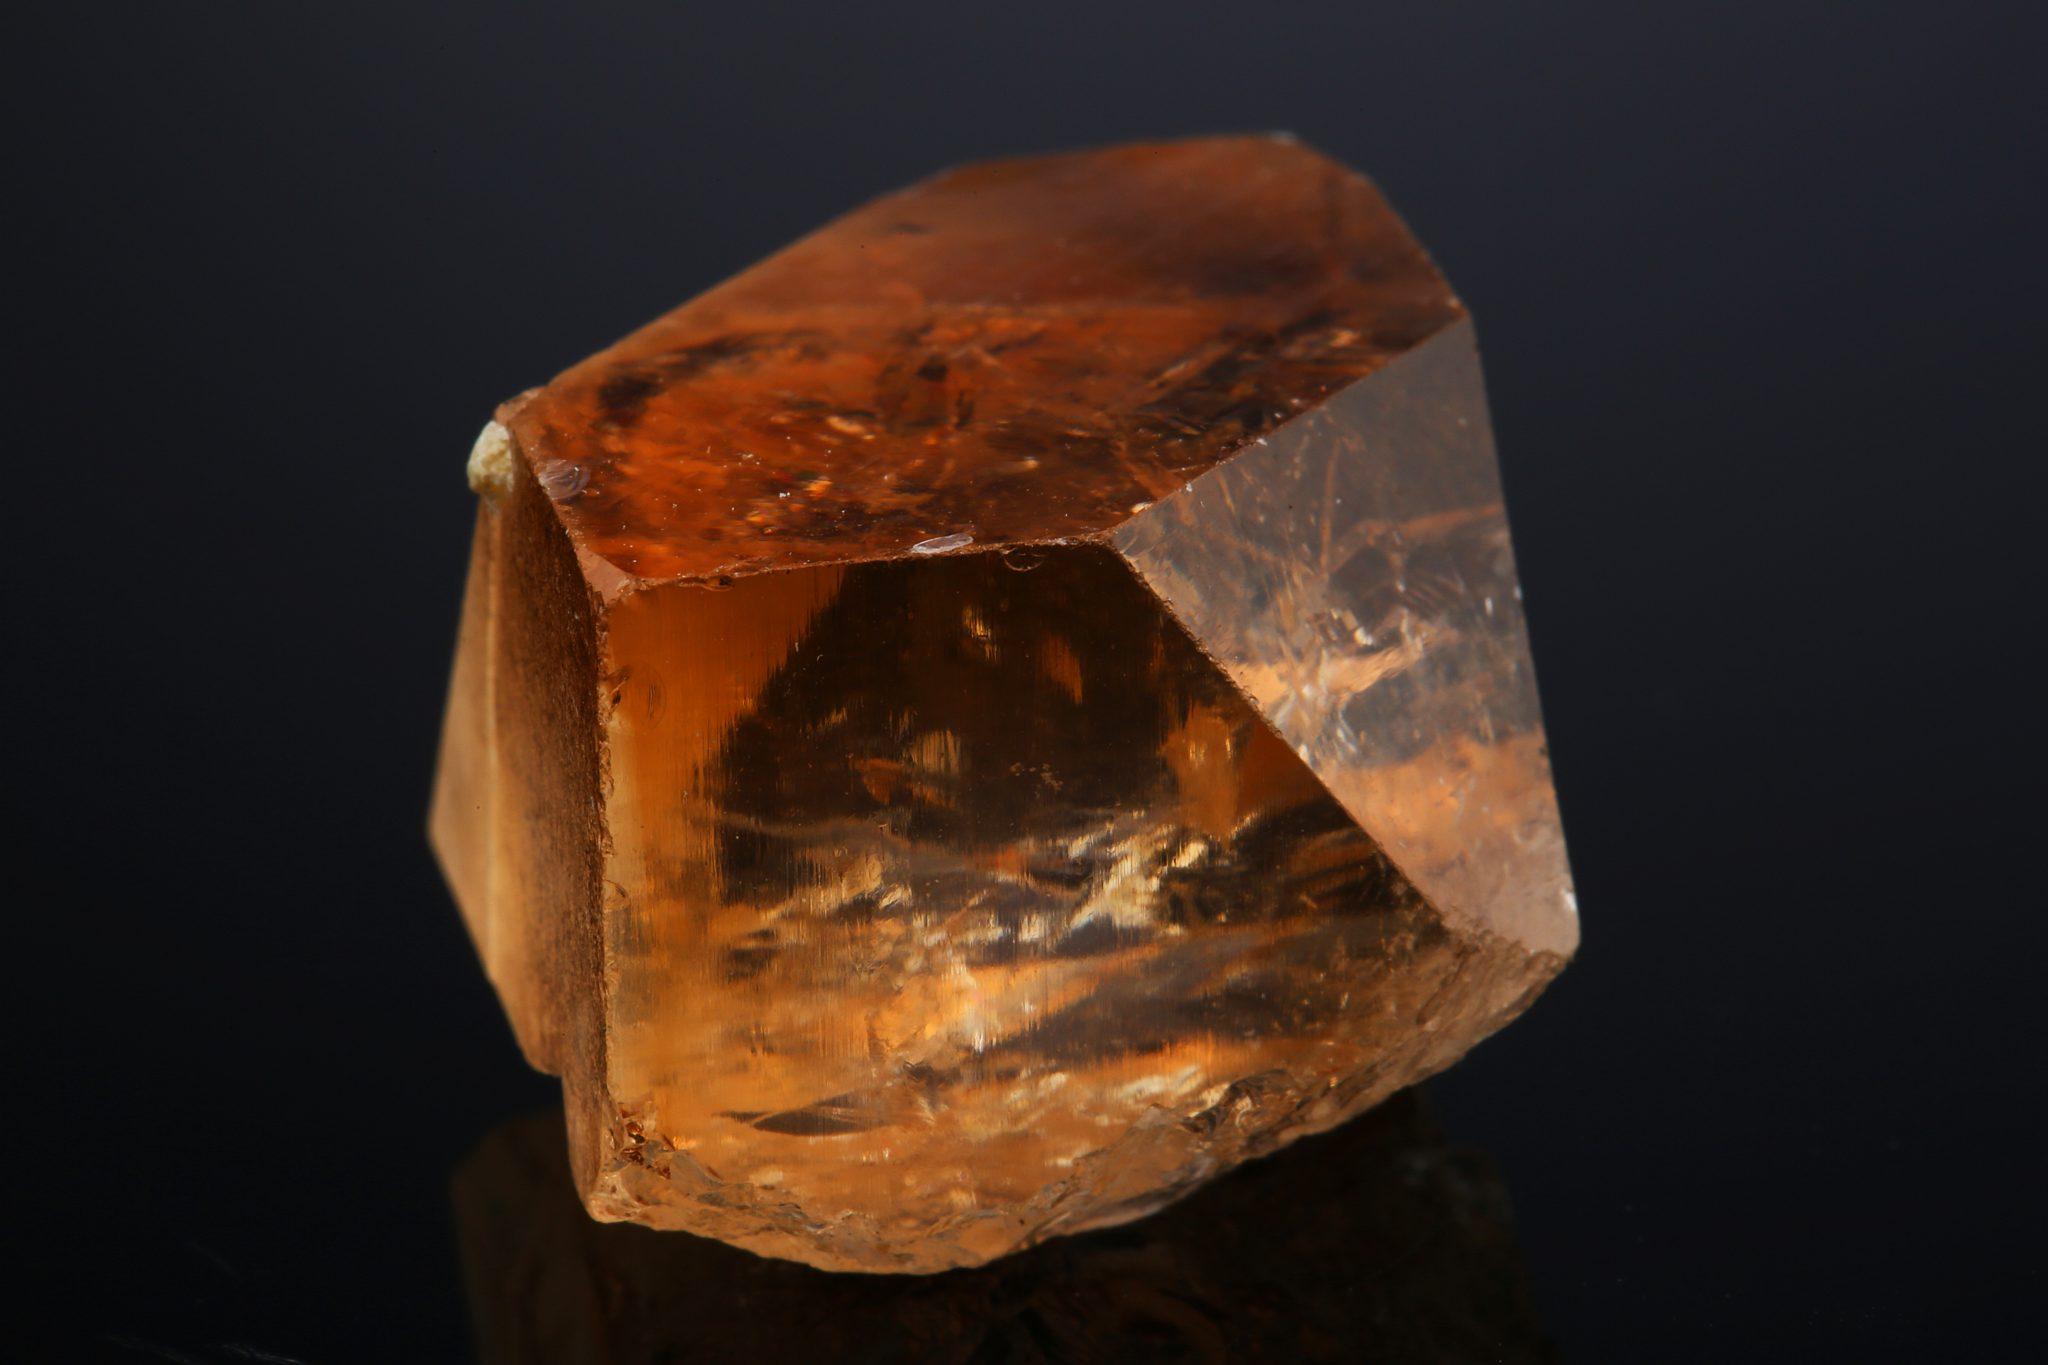 Камень топаз: каких видов и цветов бывает, магические свойства, что такое лондон топаз